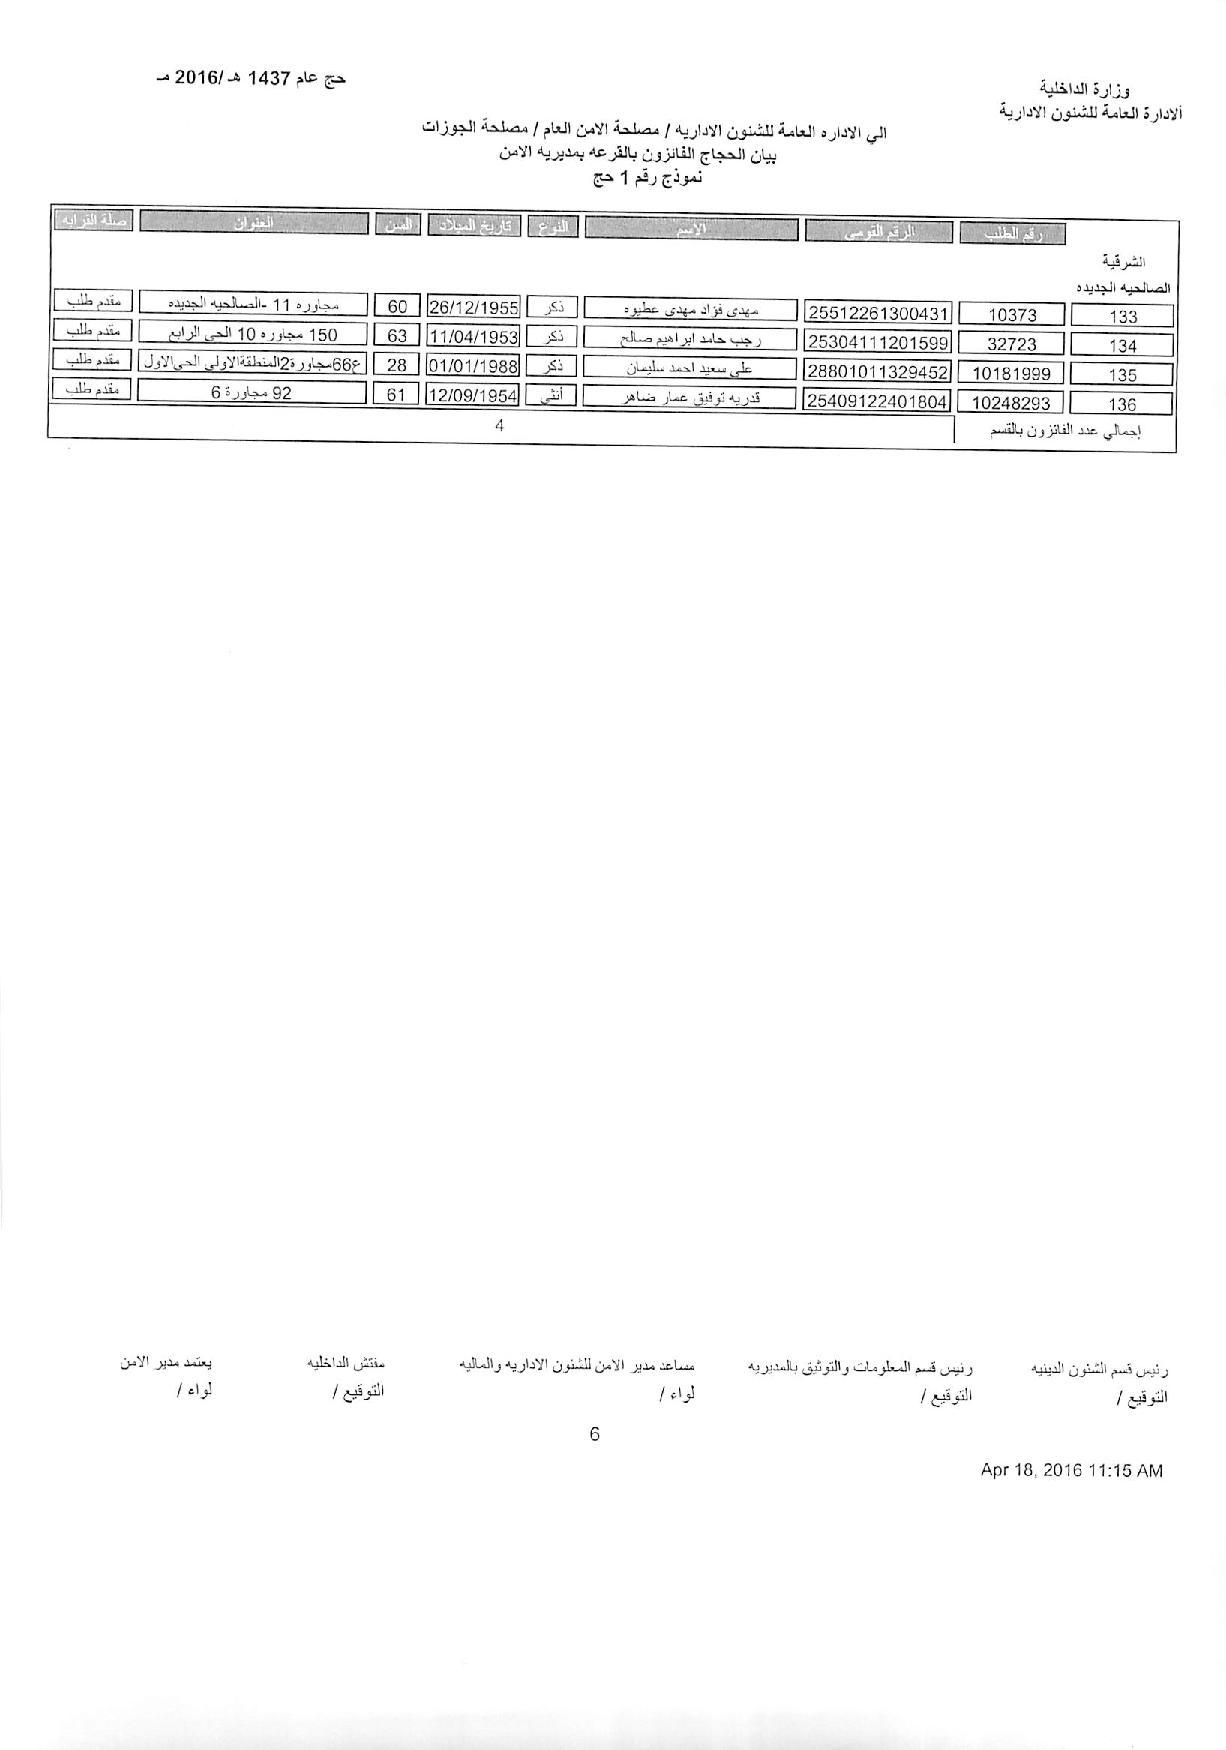 اسماء الحجاج الفائزون بالقرعة لعام 1437هـ 2016م (27)